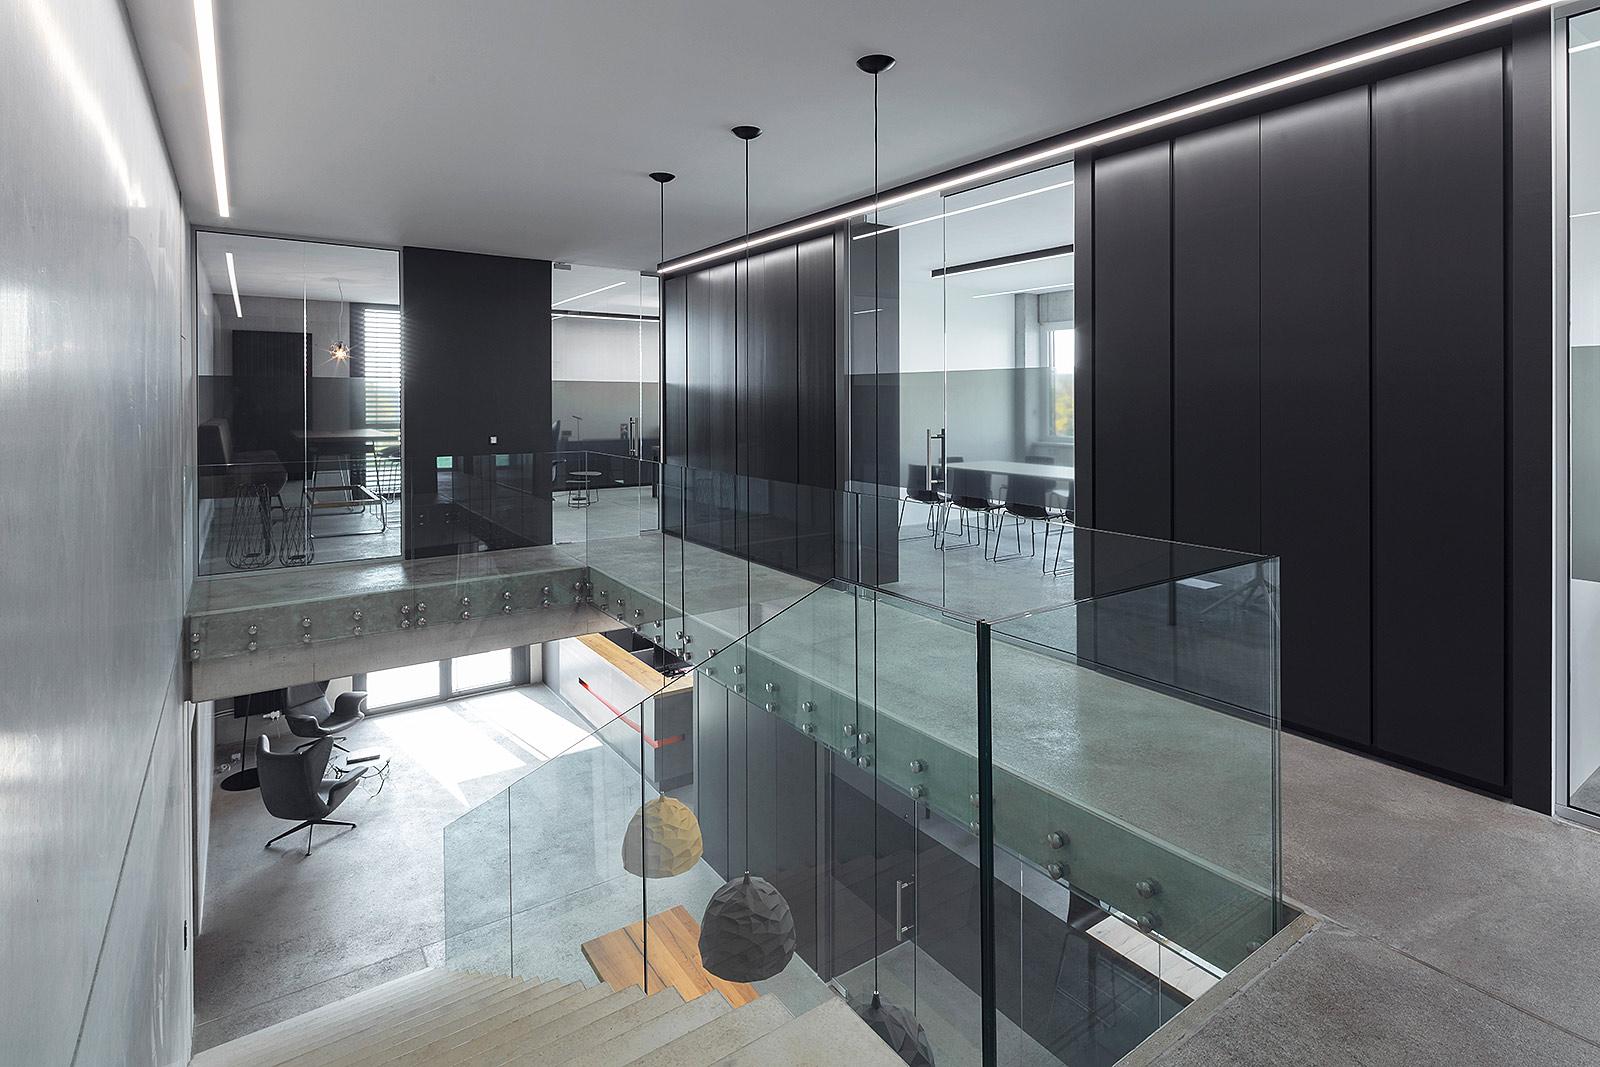 Innenaufnahme Foto von Architektur in einer Firma bei Tageslicht